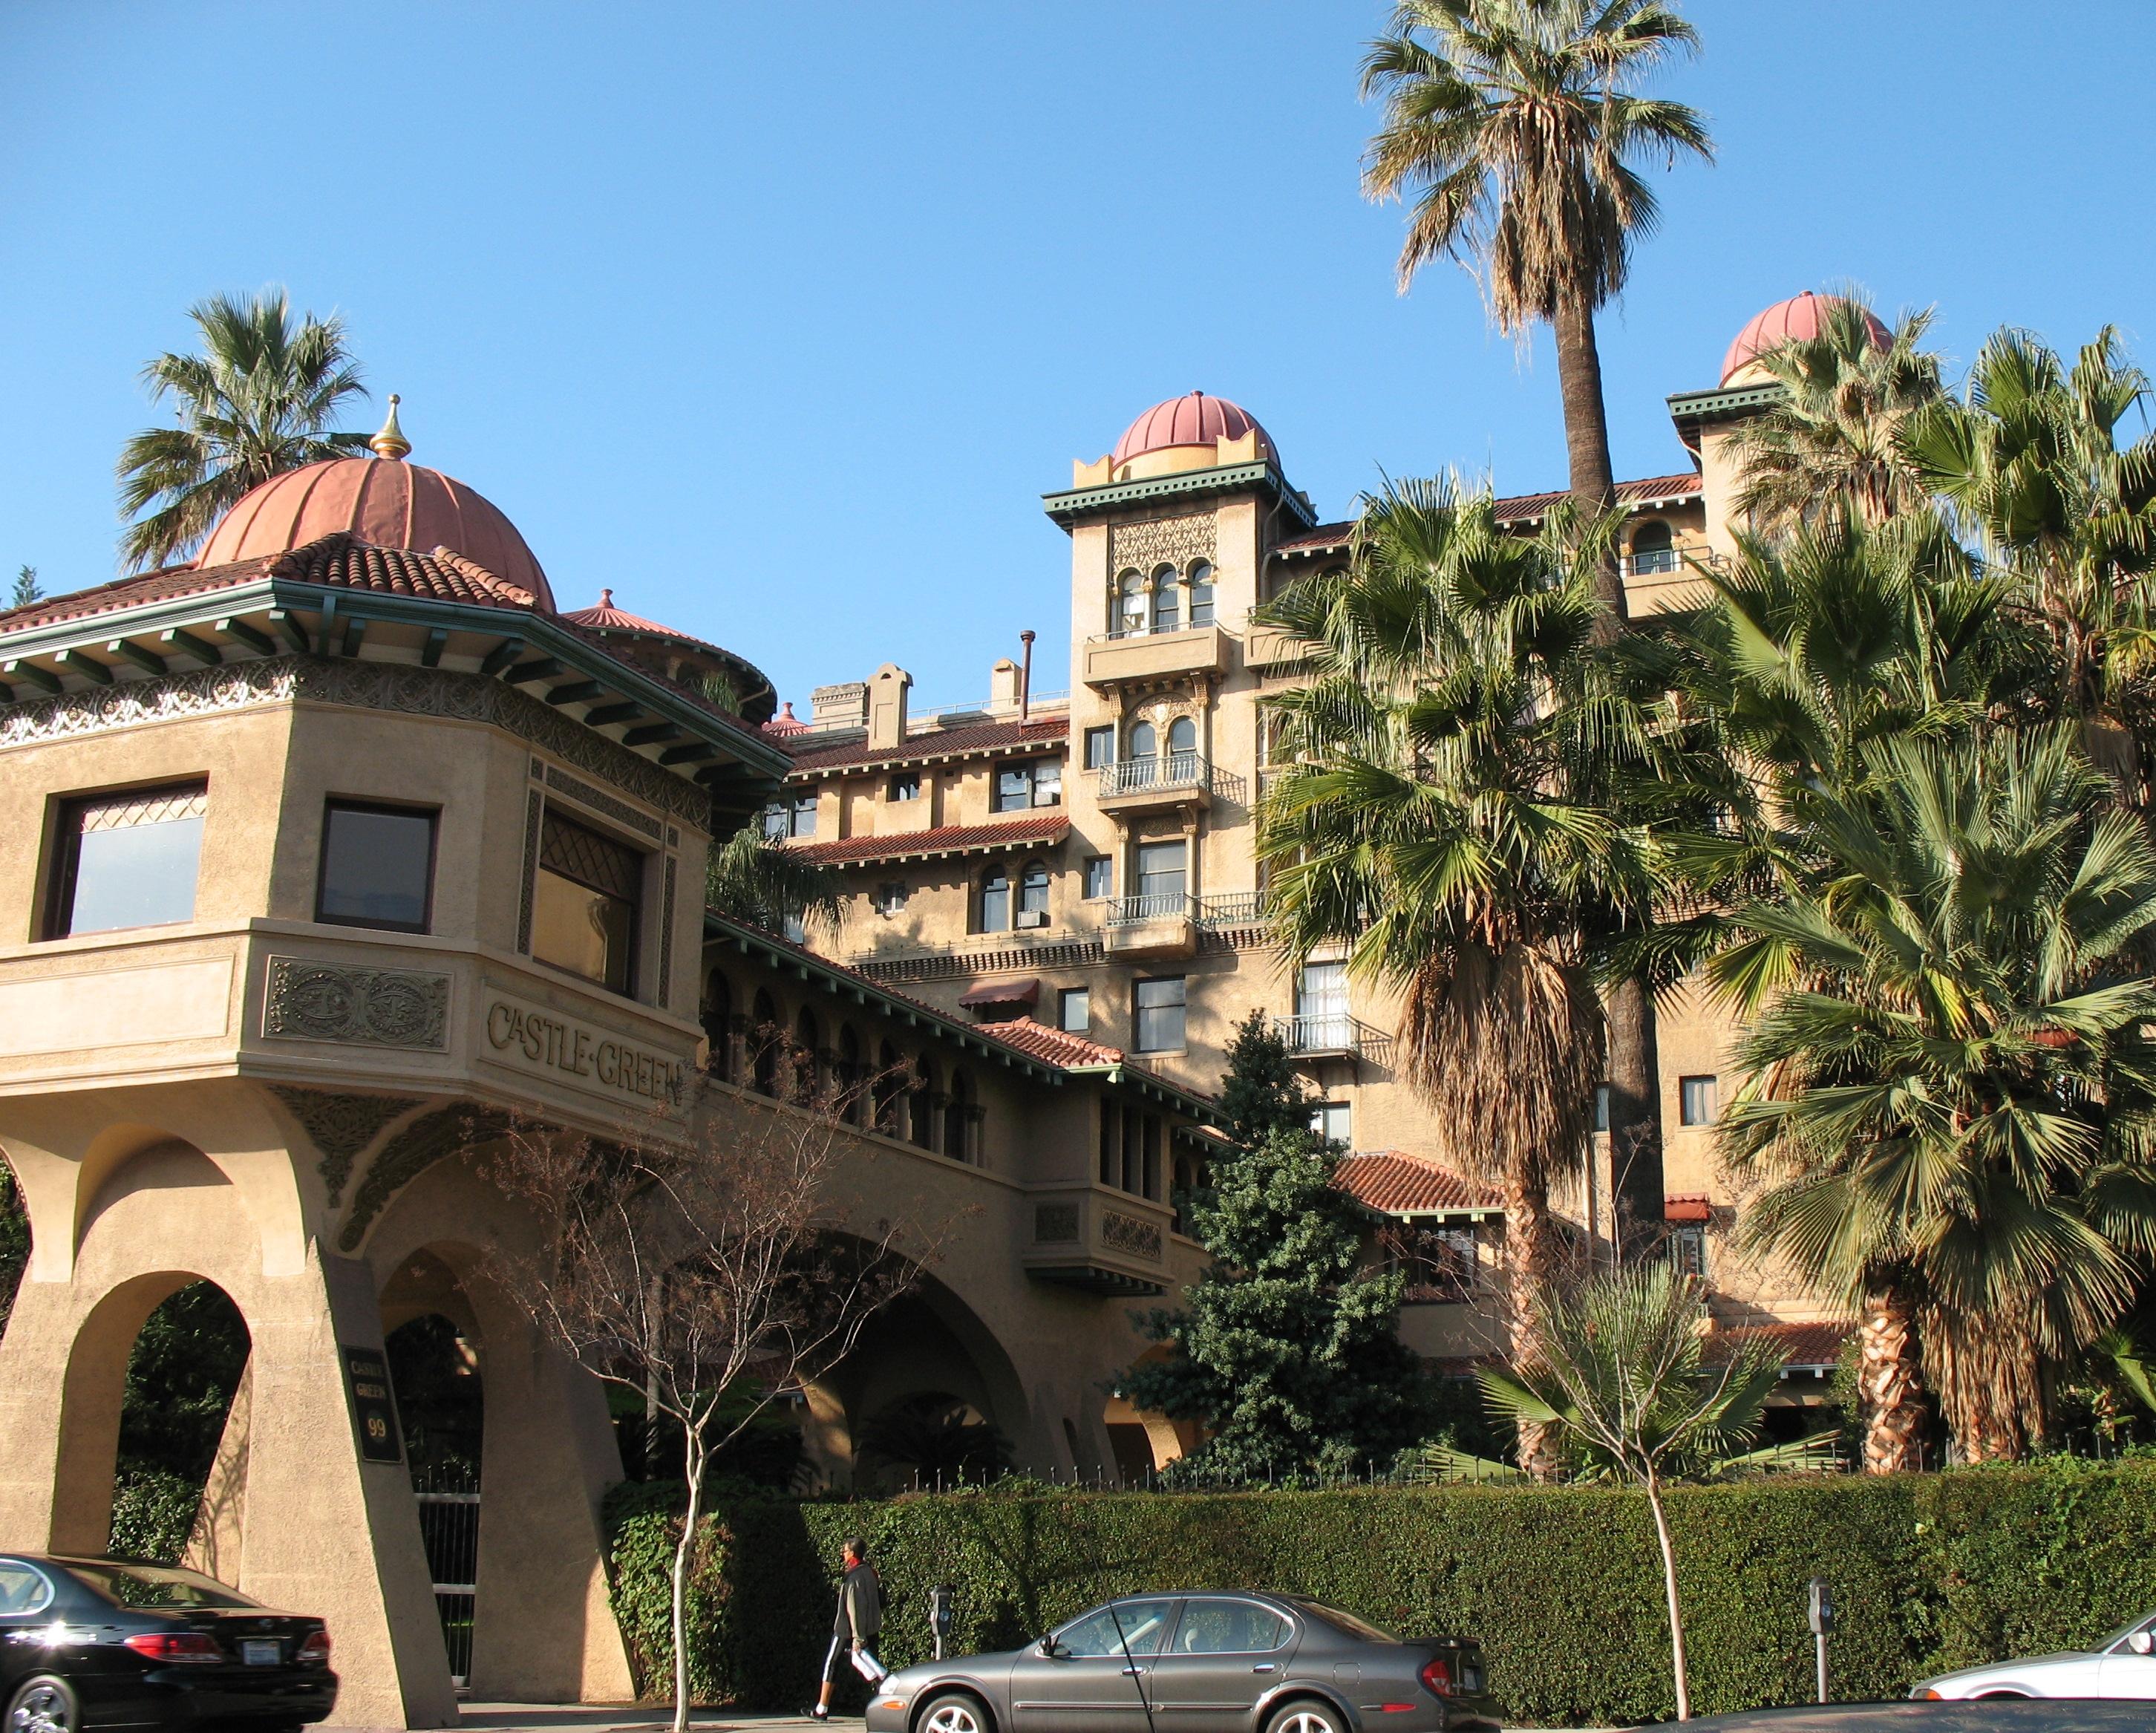 Castle Green Hotel Pasadena Ca